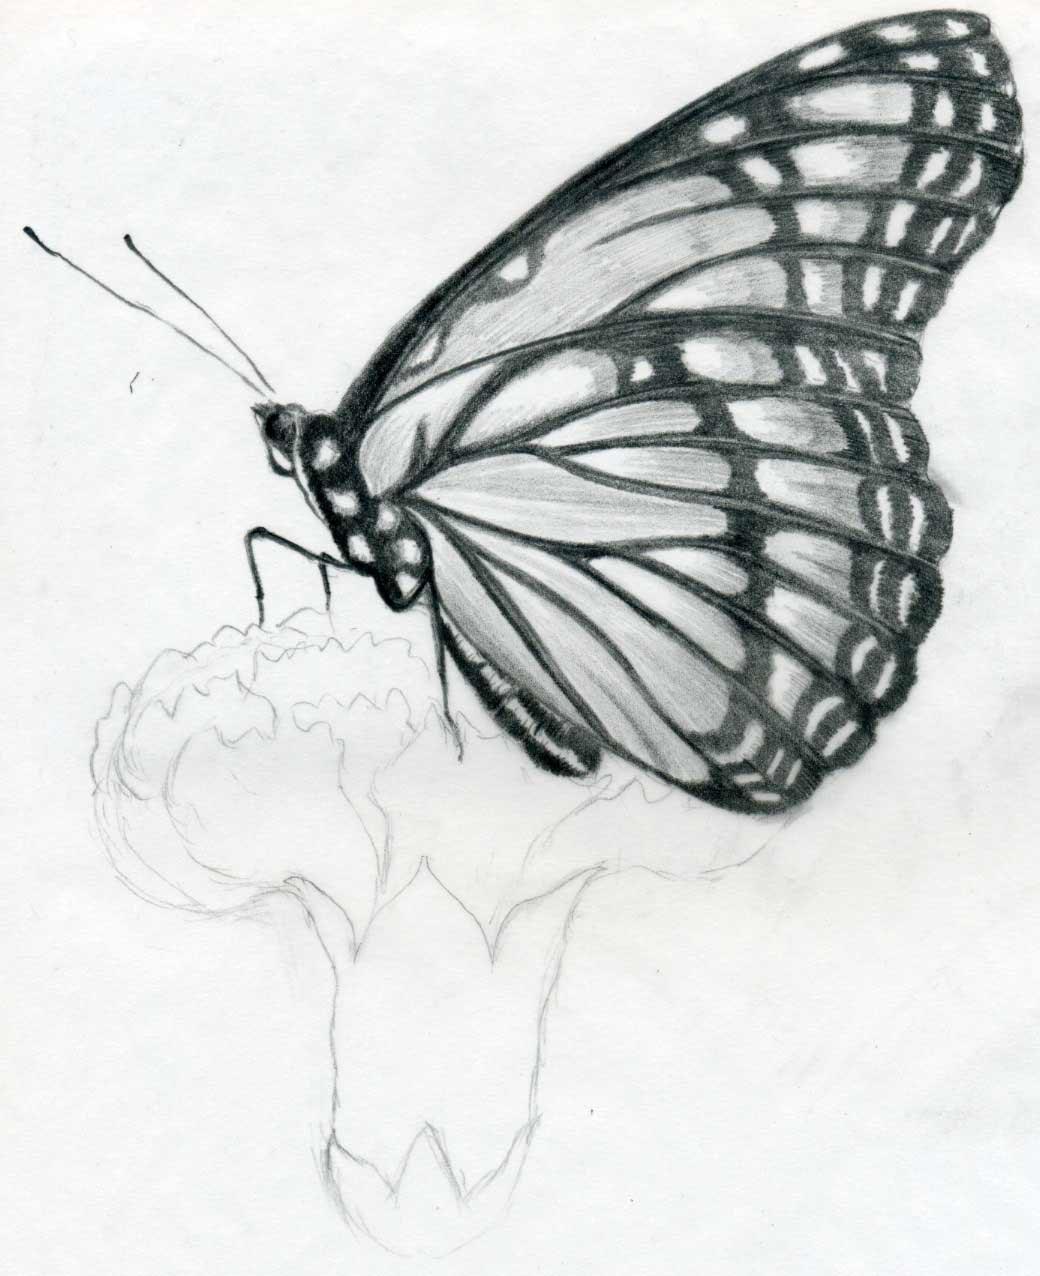 Drawing: Ymu2u: Pencil Drawing